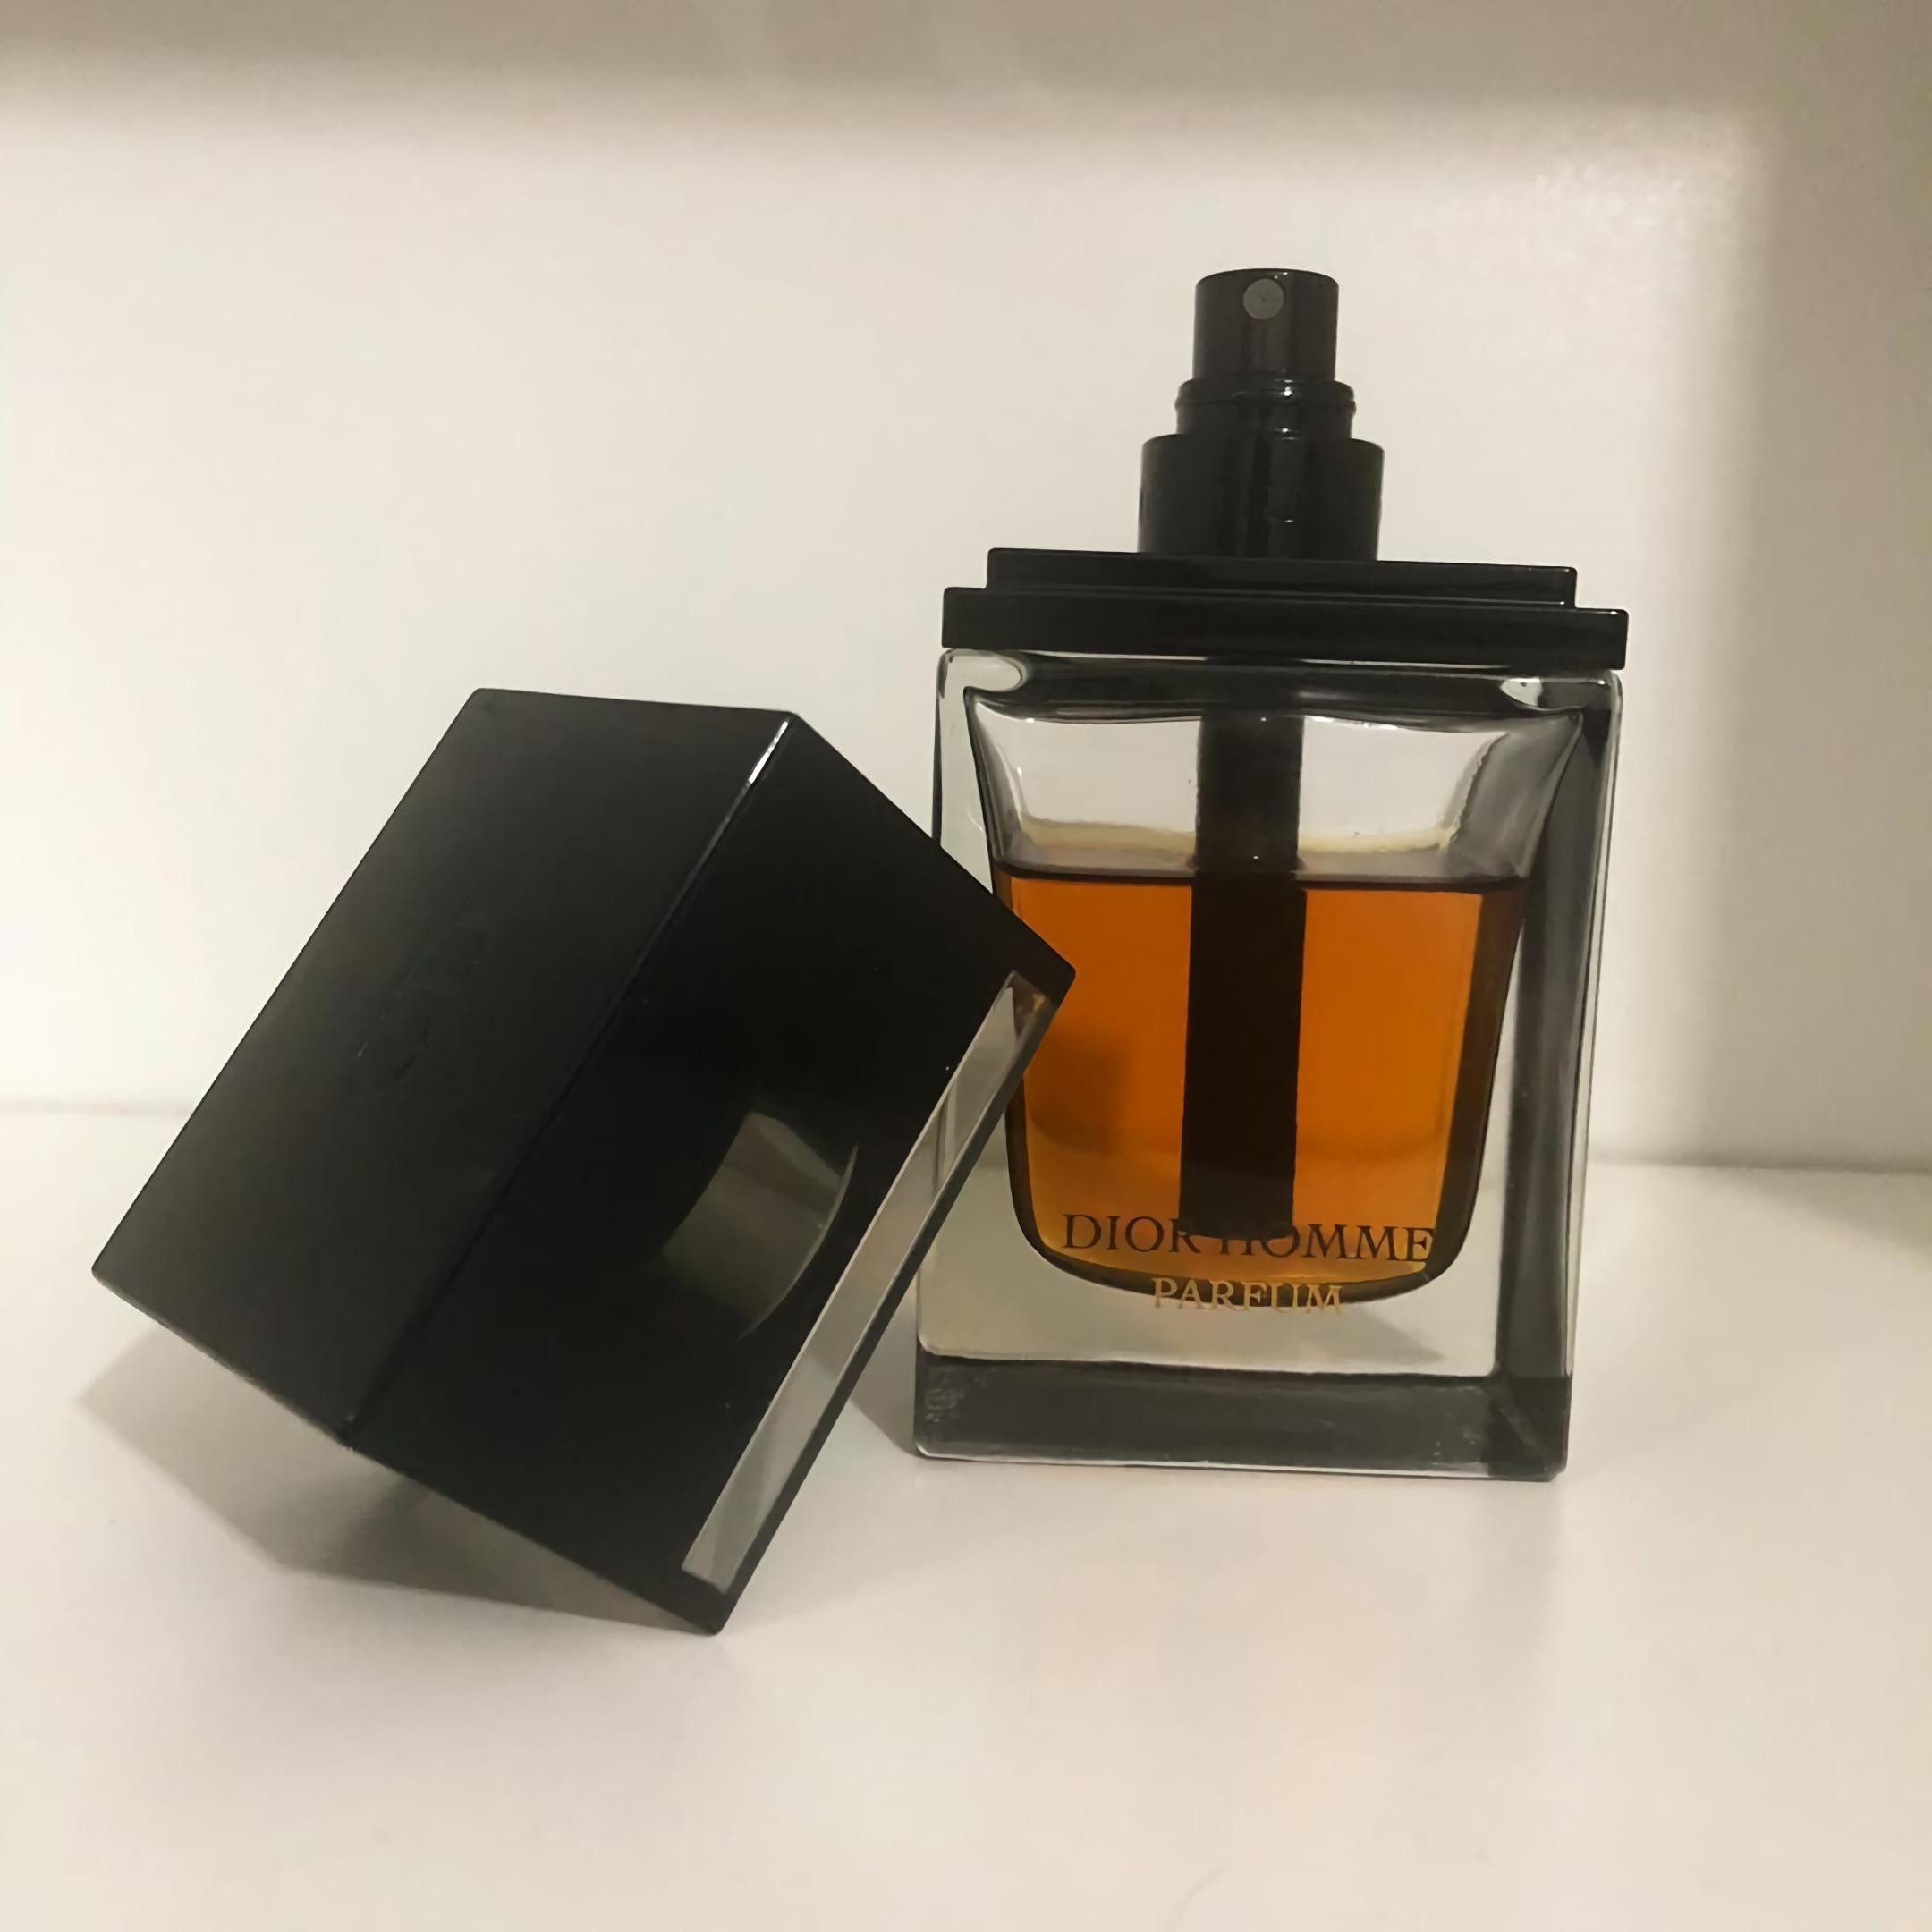 сладкий парфюм для мужчин Dior Homme Parfum